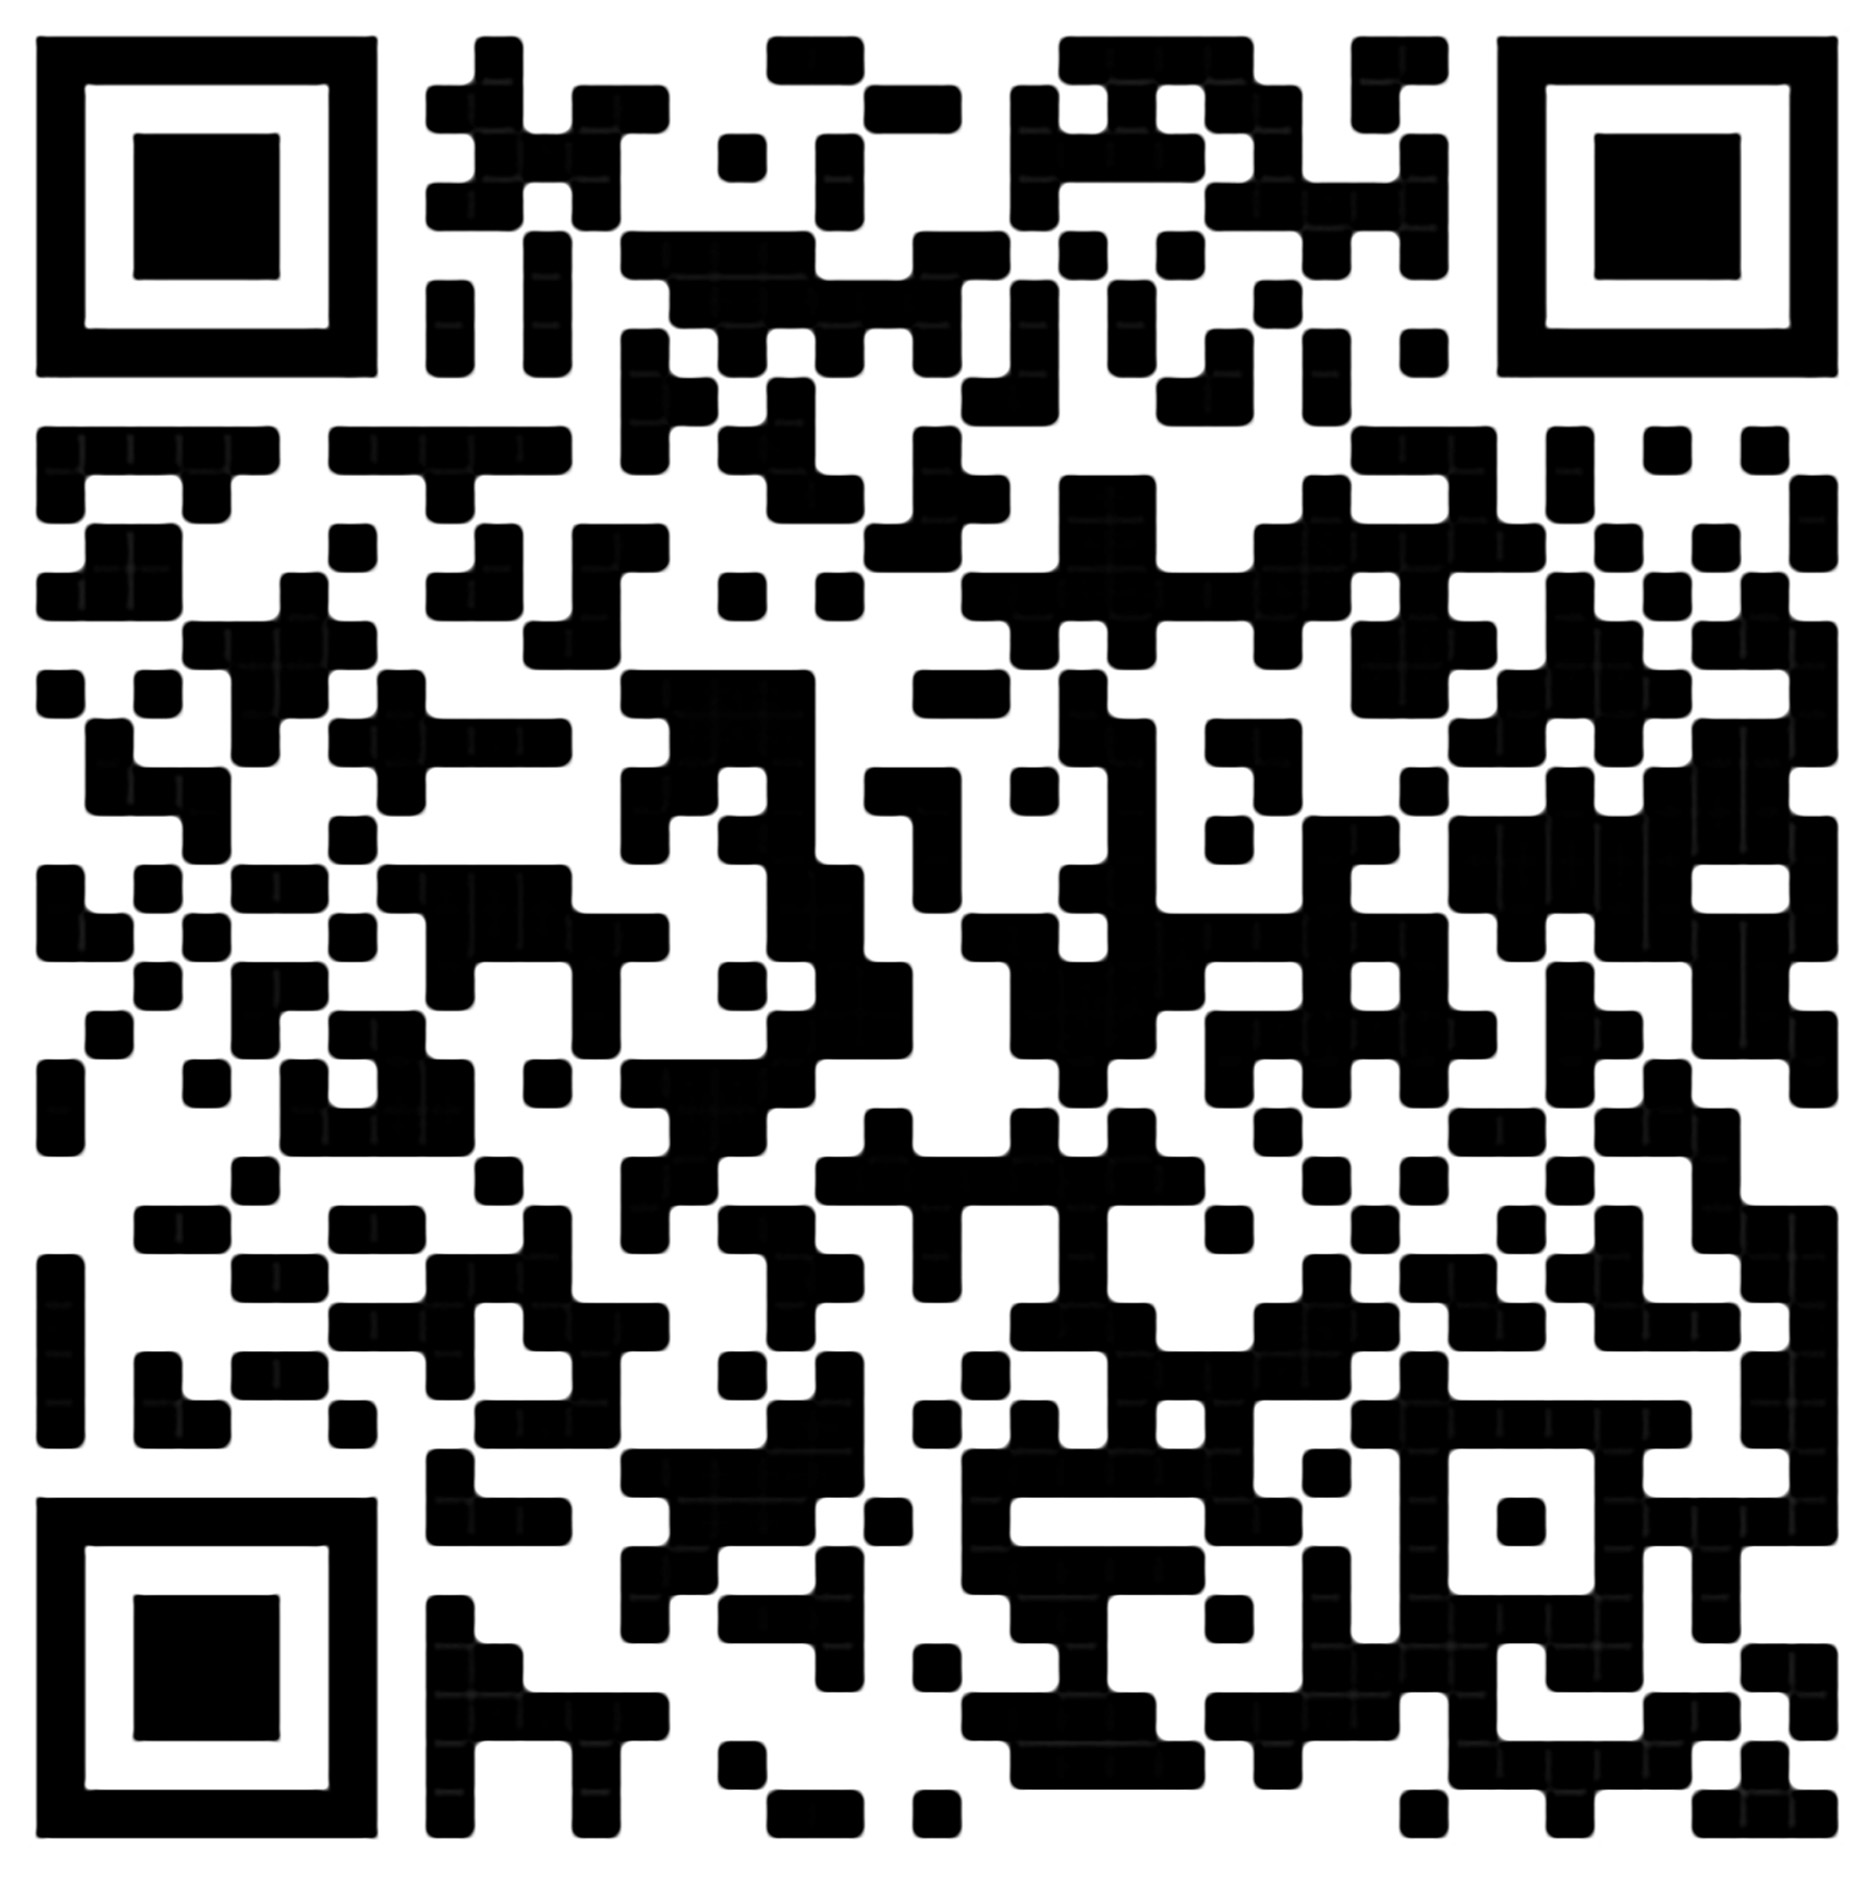 QR Code (2/2021)